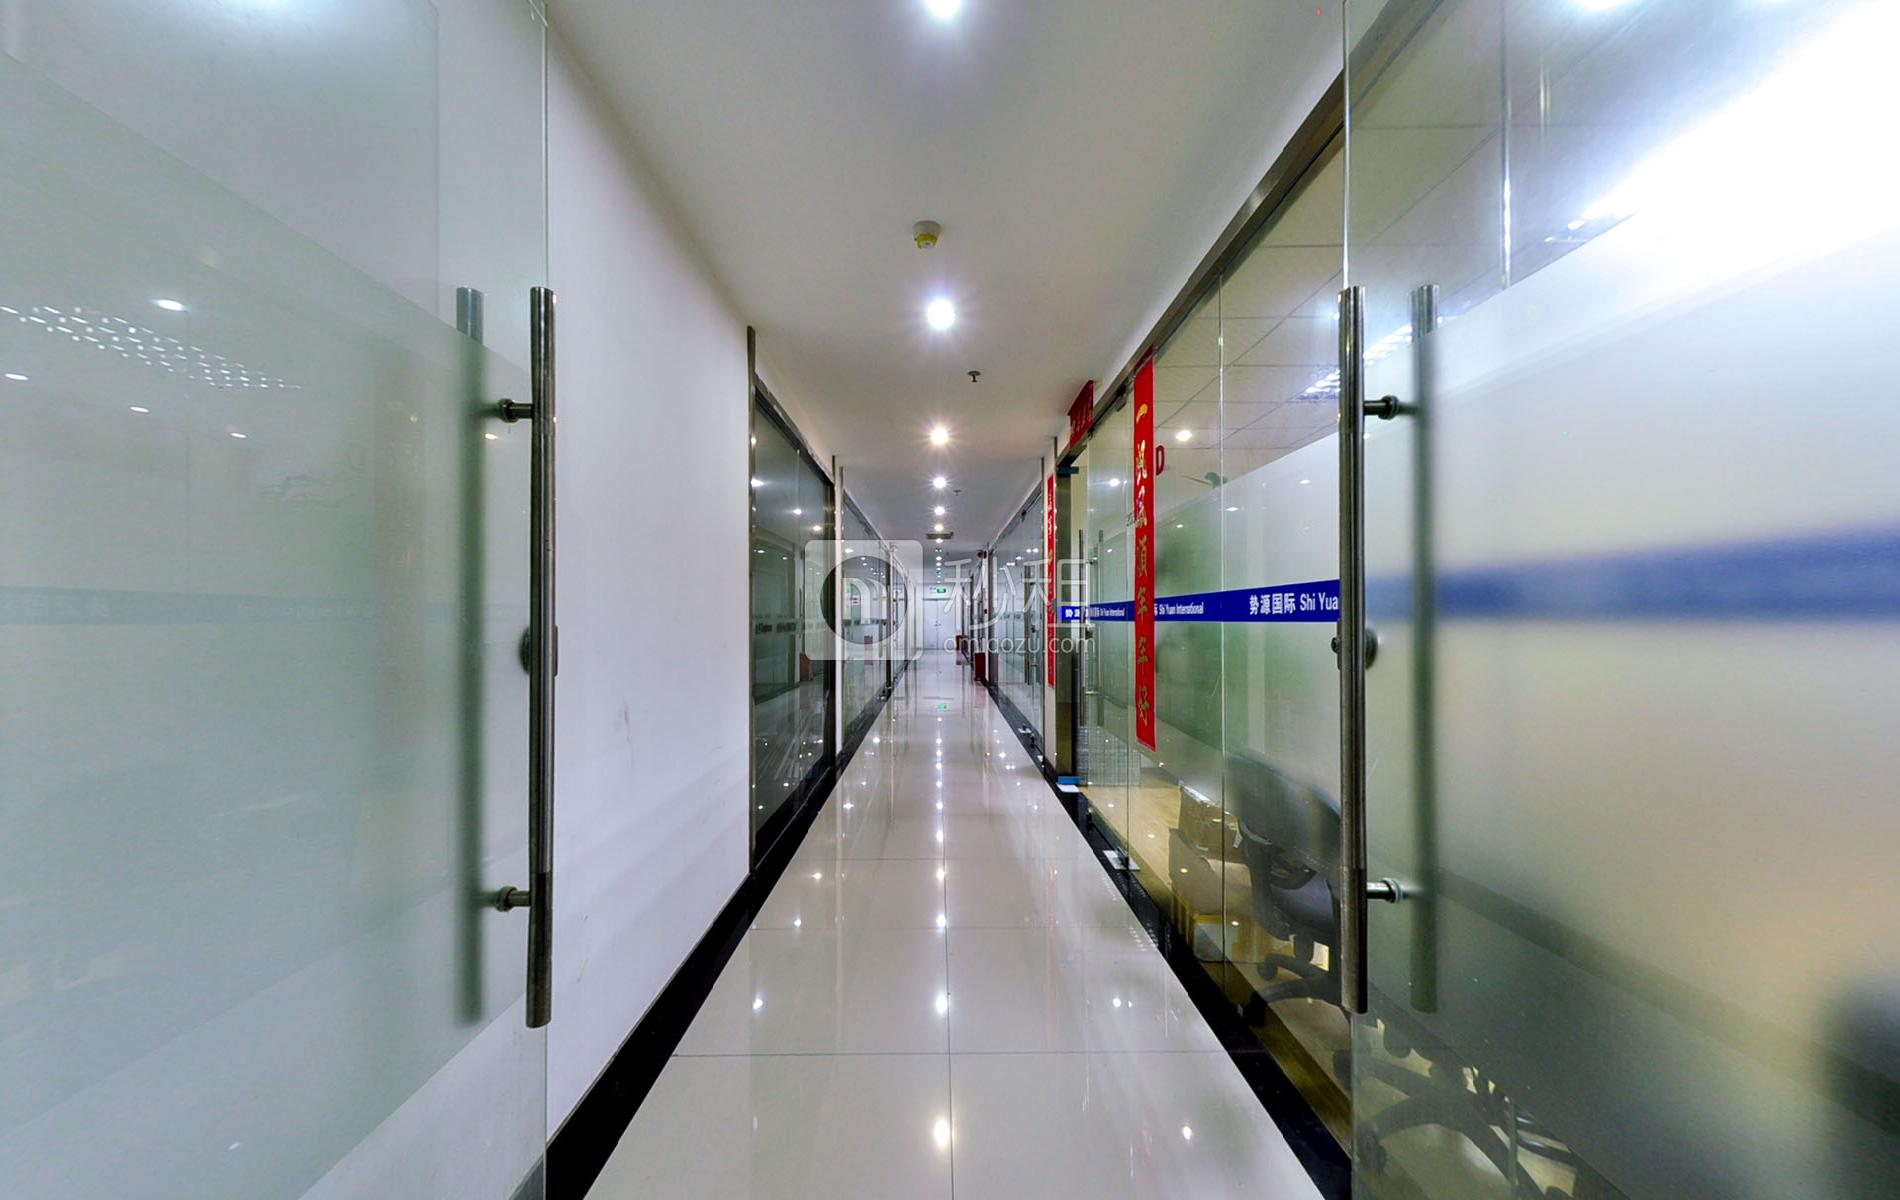 泰然科技园204栋写字楼出租/招租/租赁,泰然科技园204栋办公室出租/招租/租赁